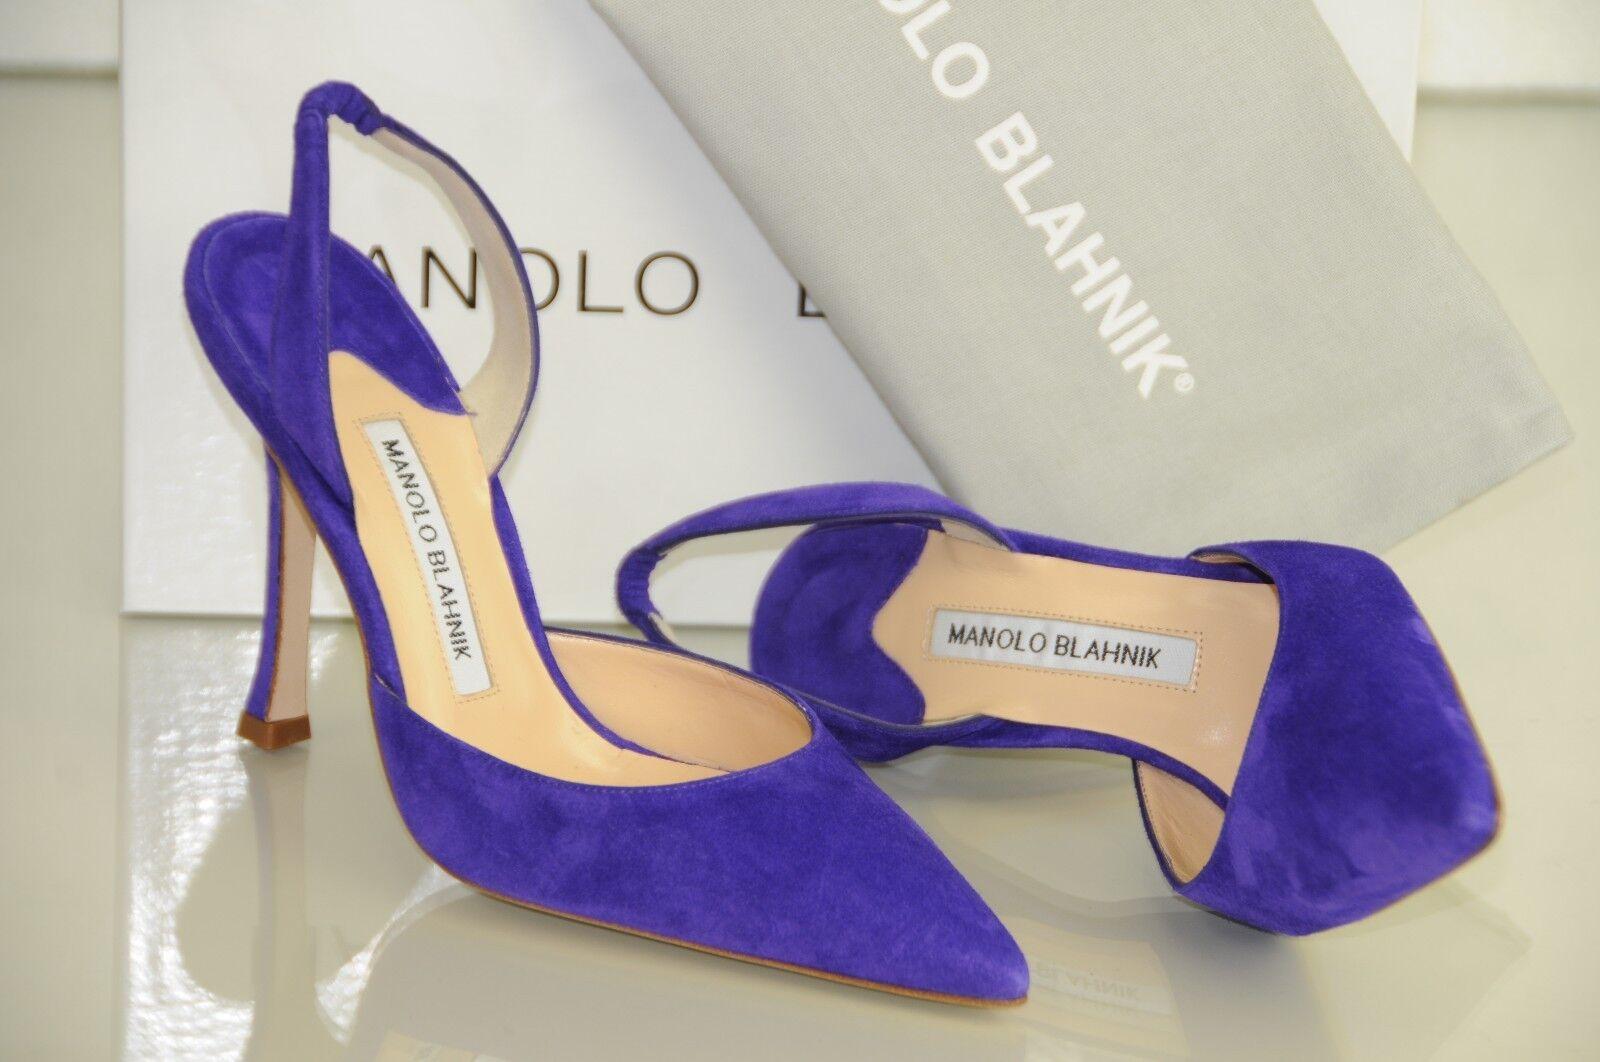 695 Nueva Manolo BLAHNIK BLAHNIK BLAHNIK de gamuza tacón alto BB Carolyne Púrpura Halter Zapatos 37 41  suministramos lo mejor